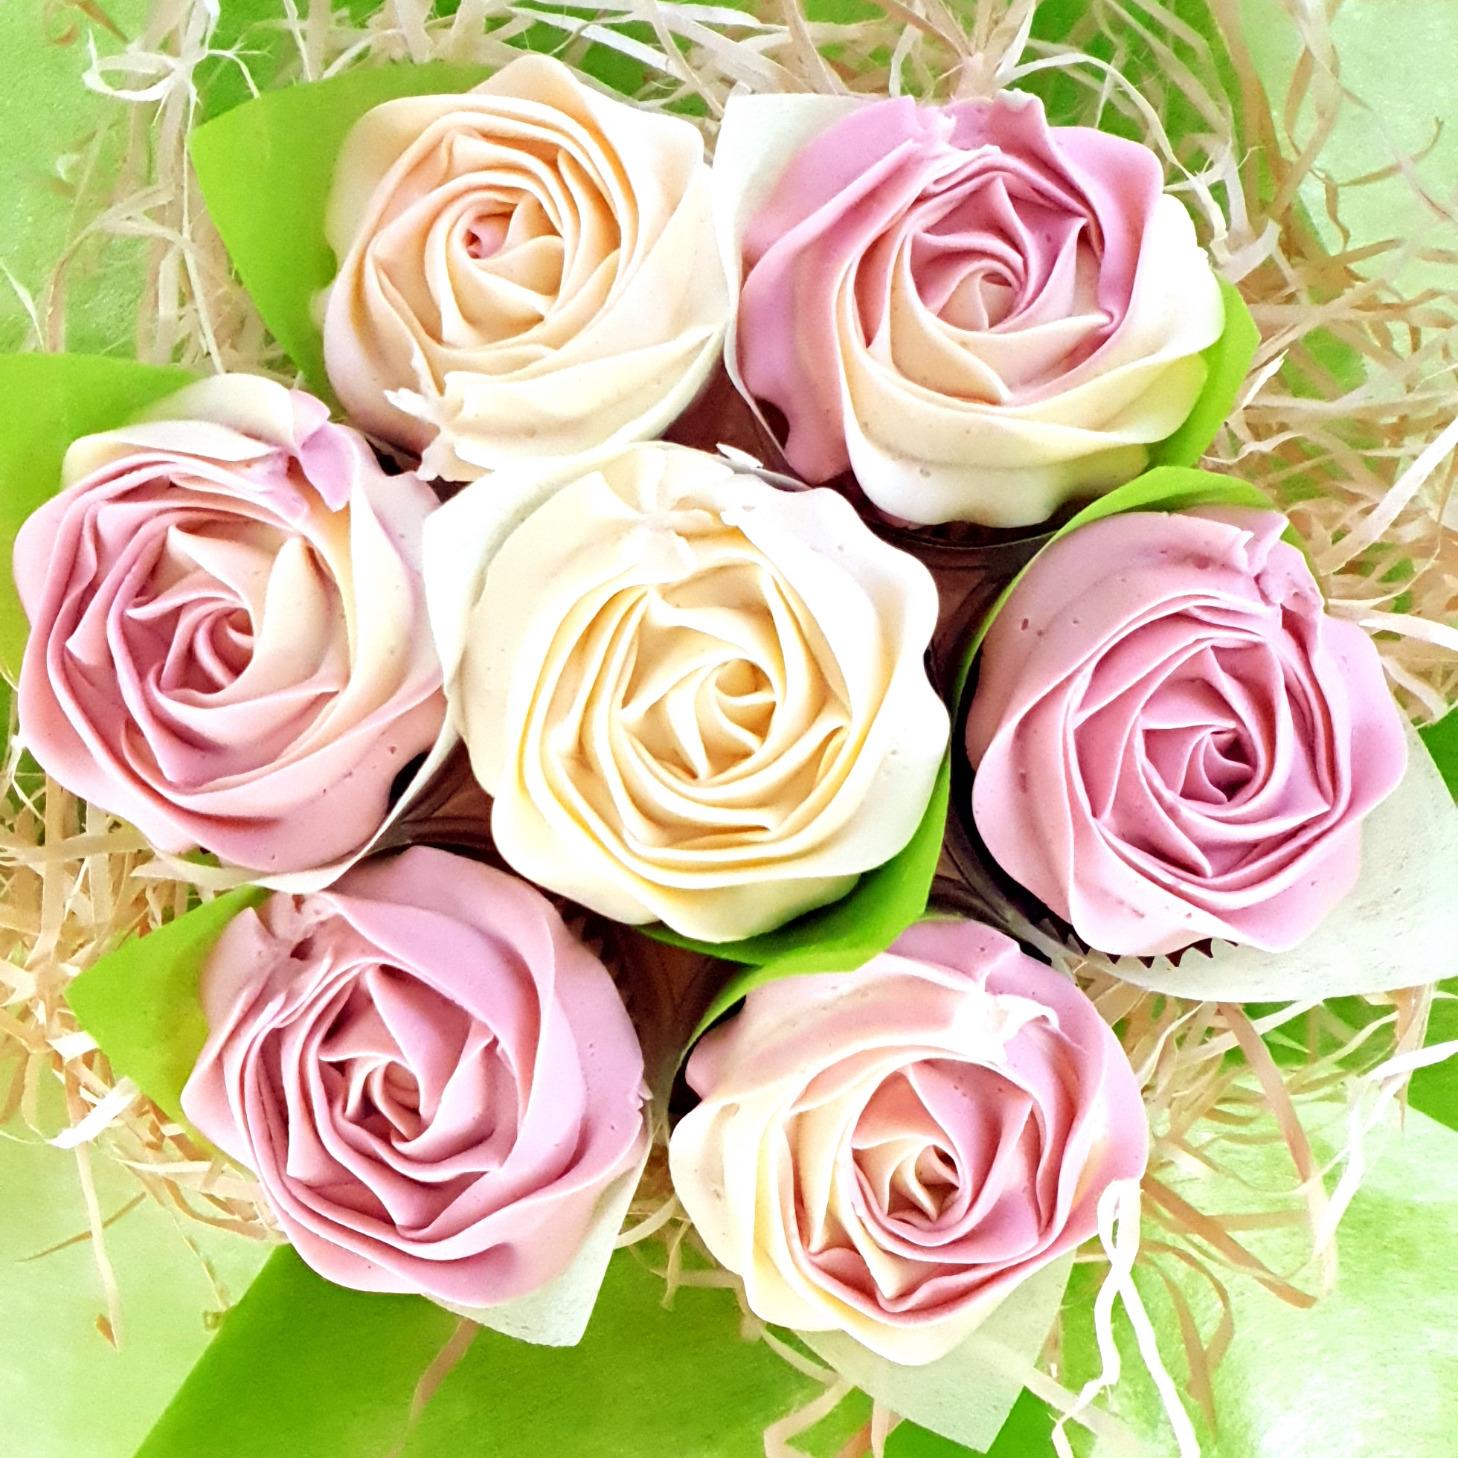 Roses - Pink & Cream